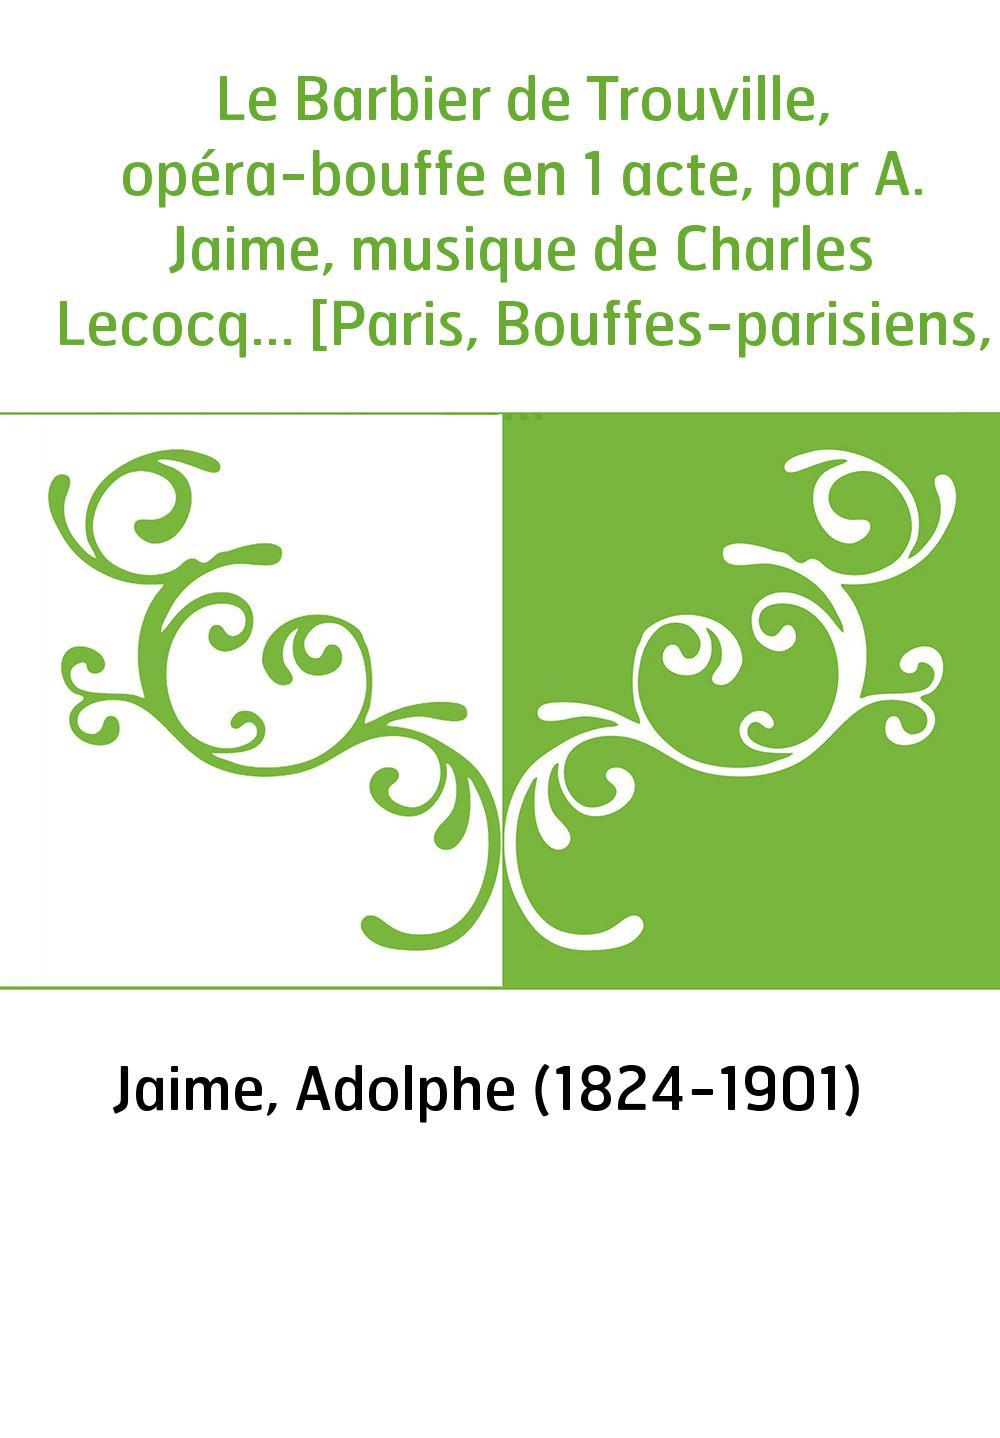 Le Barbier de Trouville, opéra-bouffe en 1 acte, par A. Jaime, musique de Charles Lecocq... [Paris, Bouffes-parisiens, 19 novemb